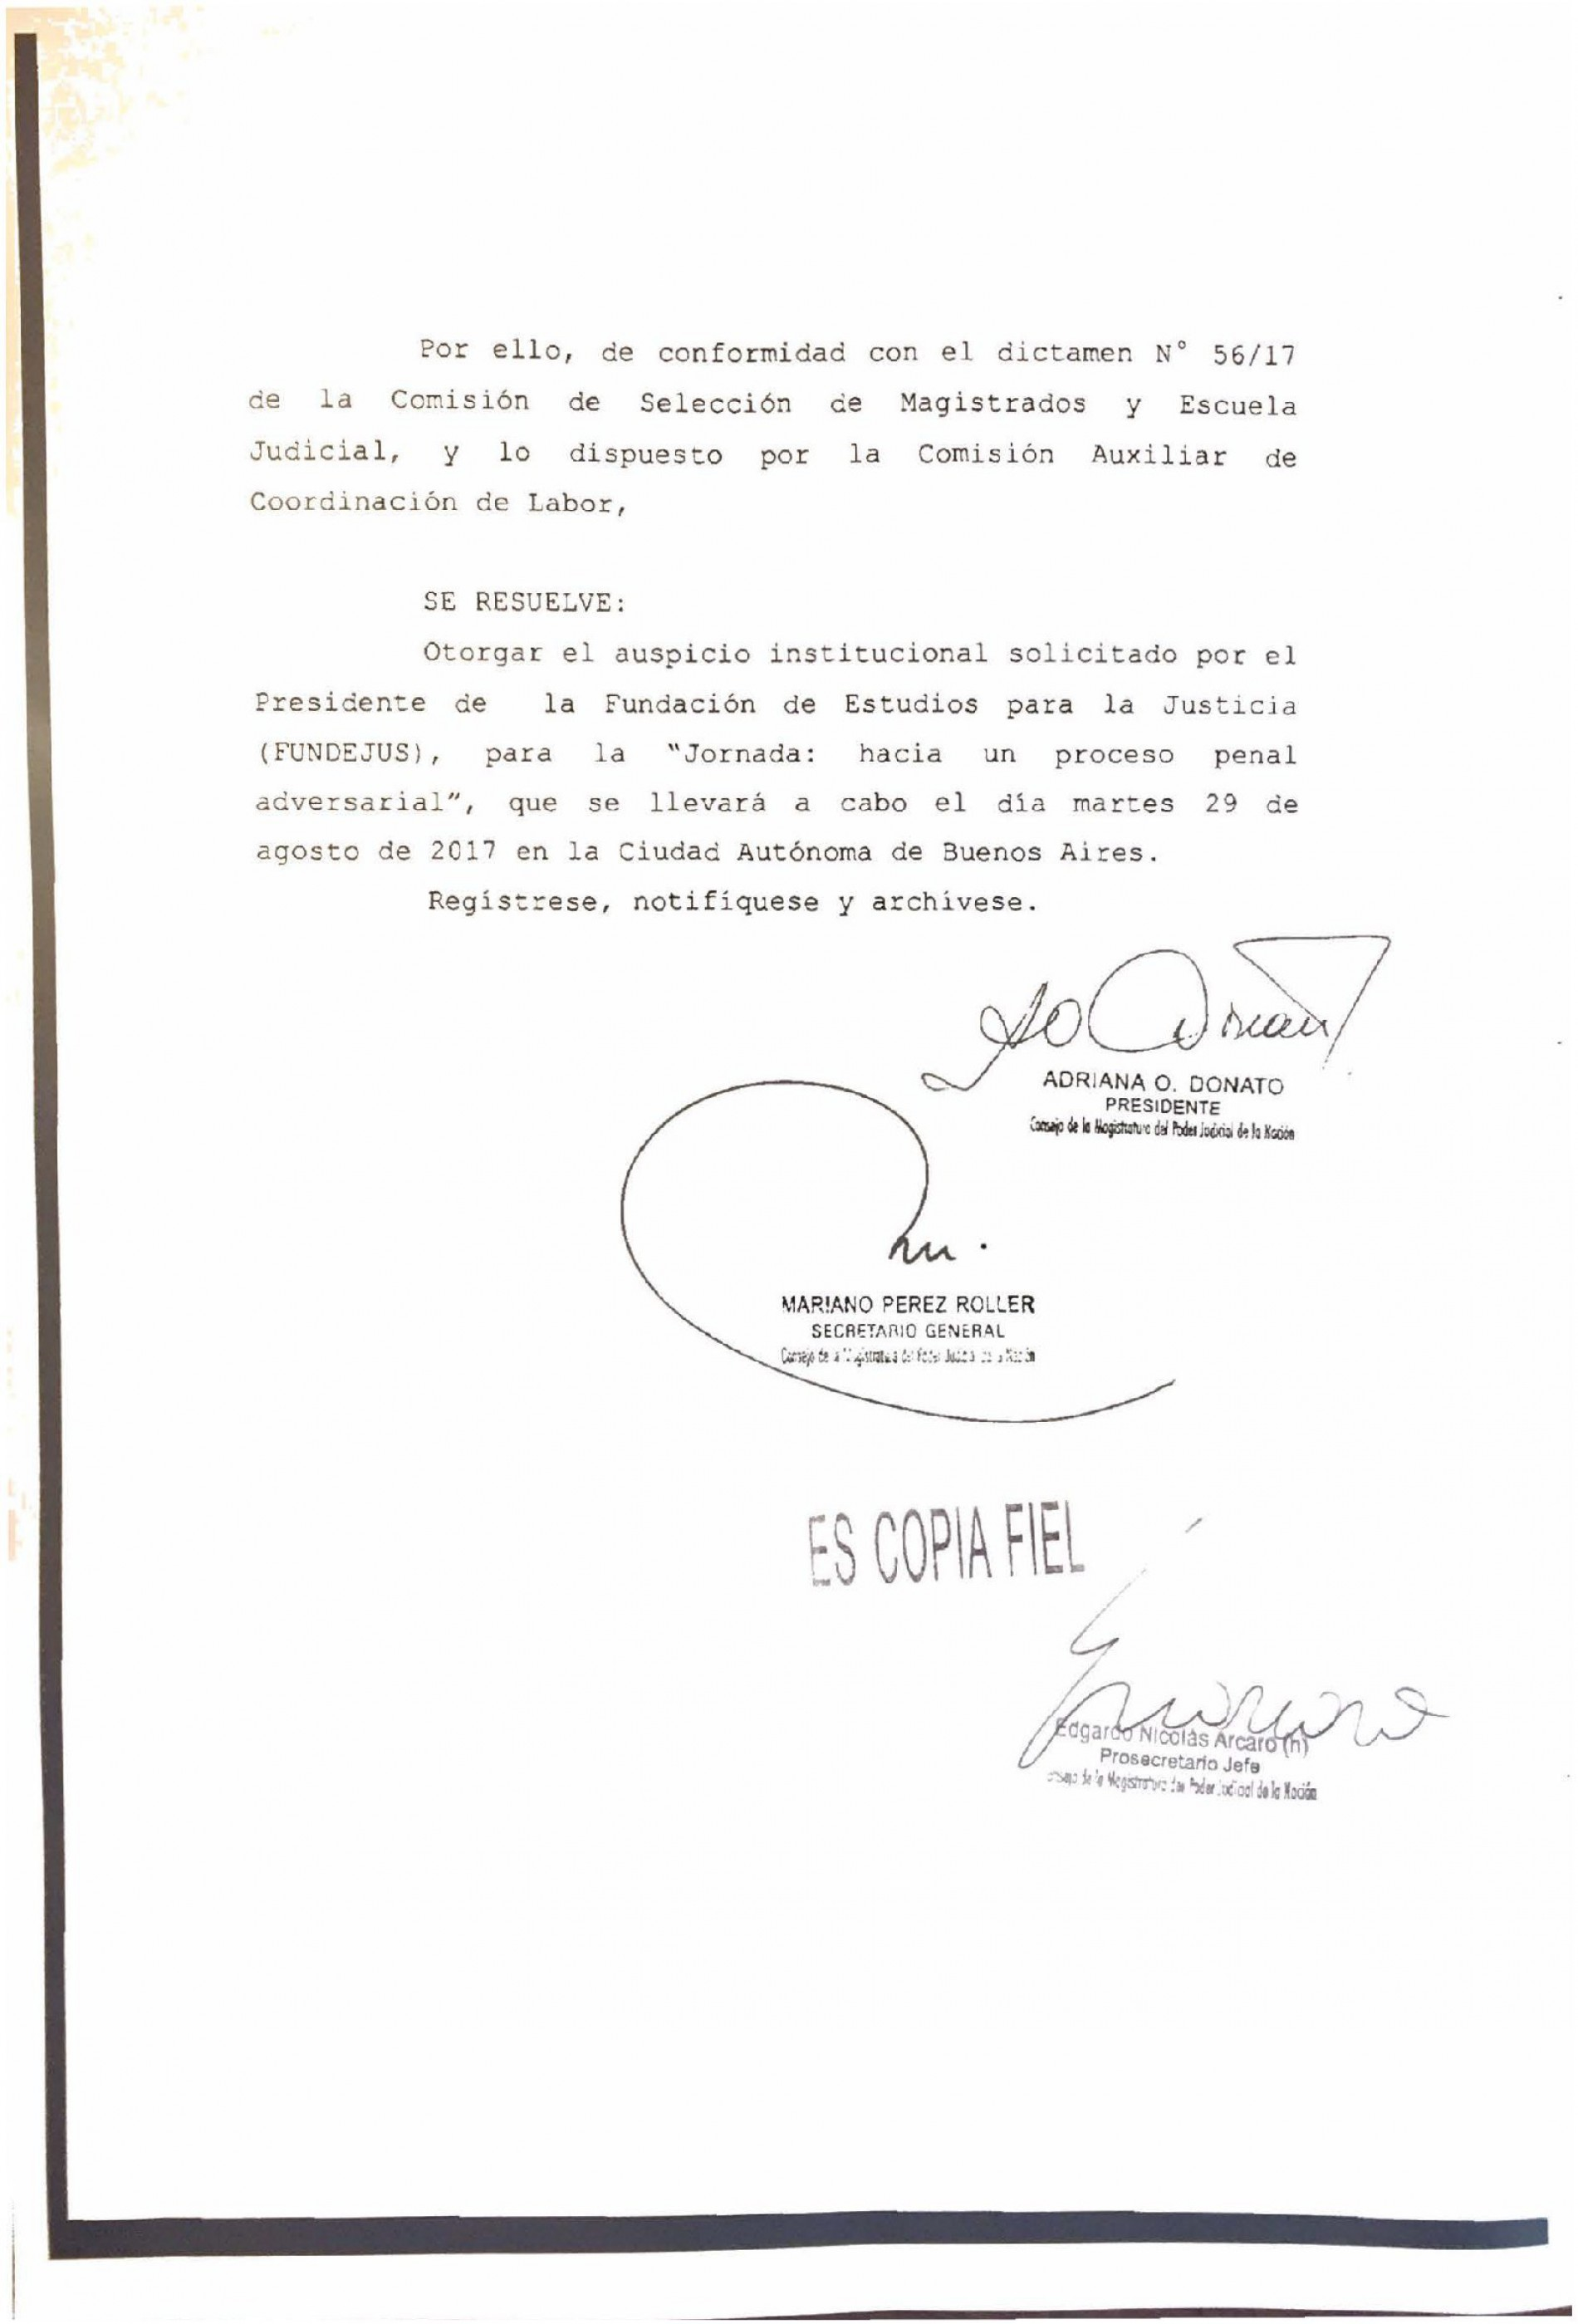 » Hacia un proceso penal adversarial «: Declaración de interés del Consejo de Magistratura de la Nación